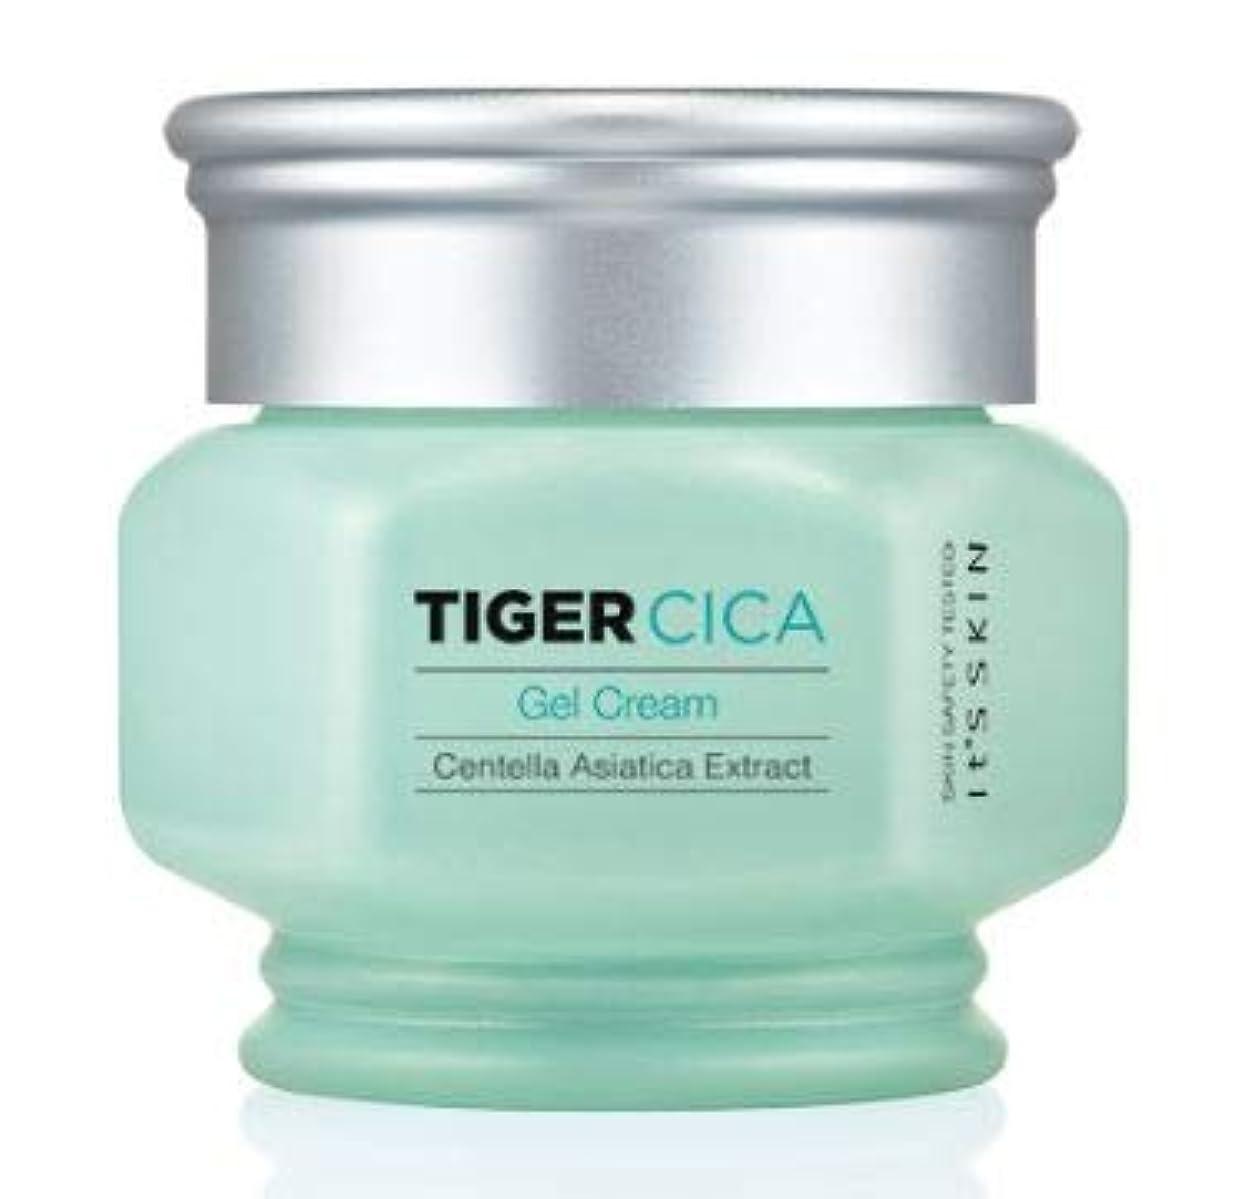 シアー真夜中ベルベット[It's Skin] Tiger Cica Gel Cream /[イッツスキン] タイガーシカ ジェル クリーム [並行輸入品]